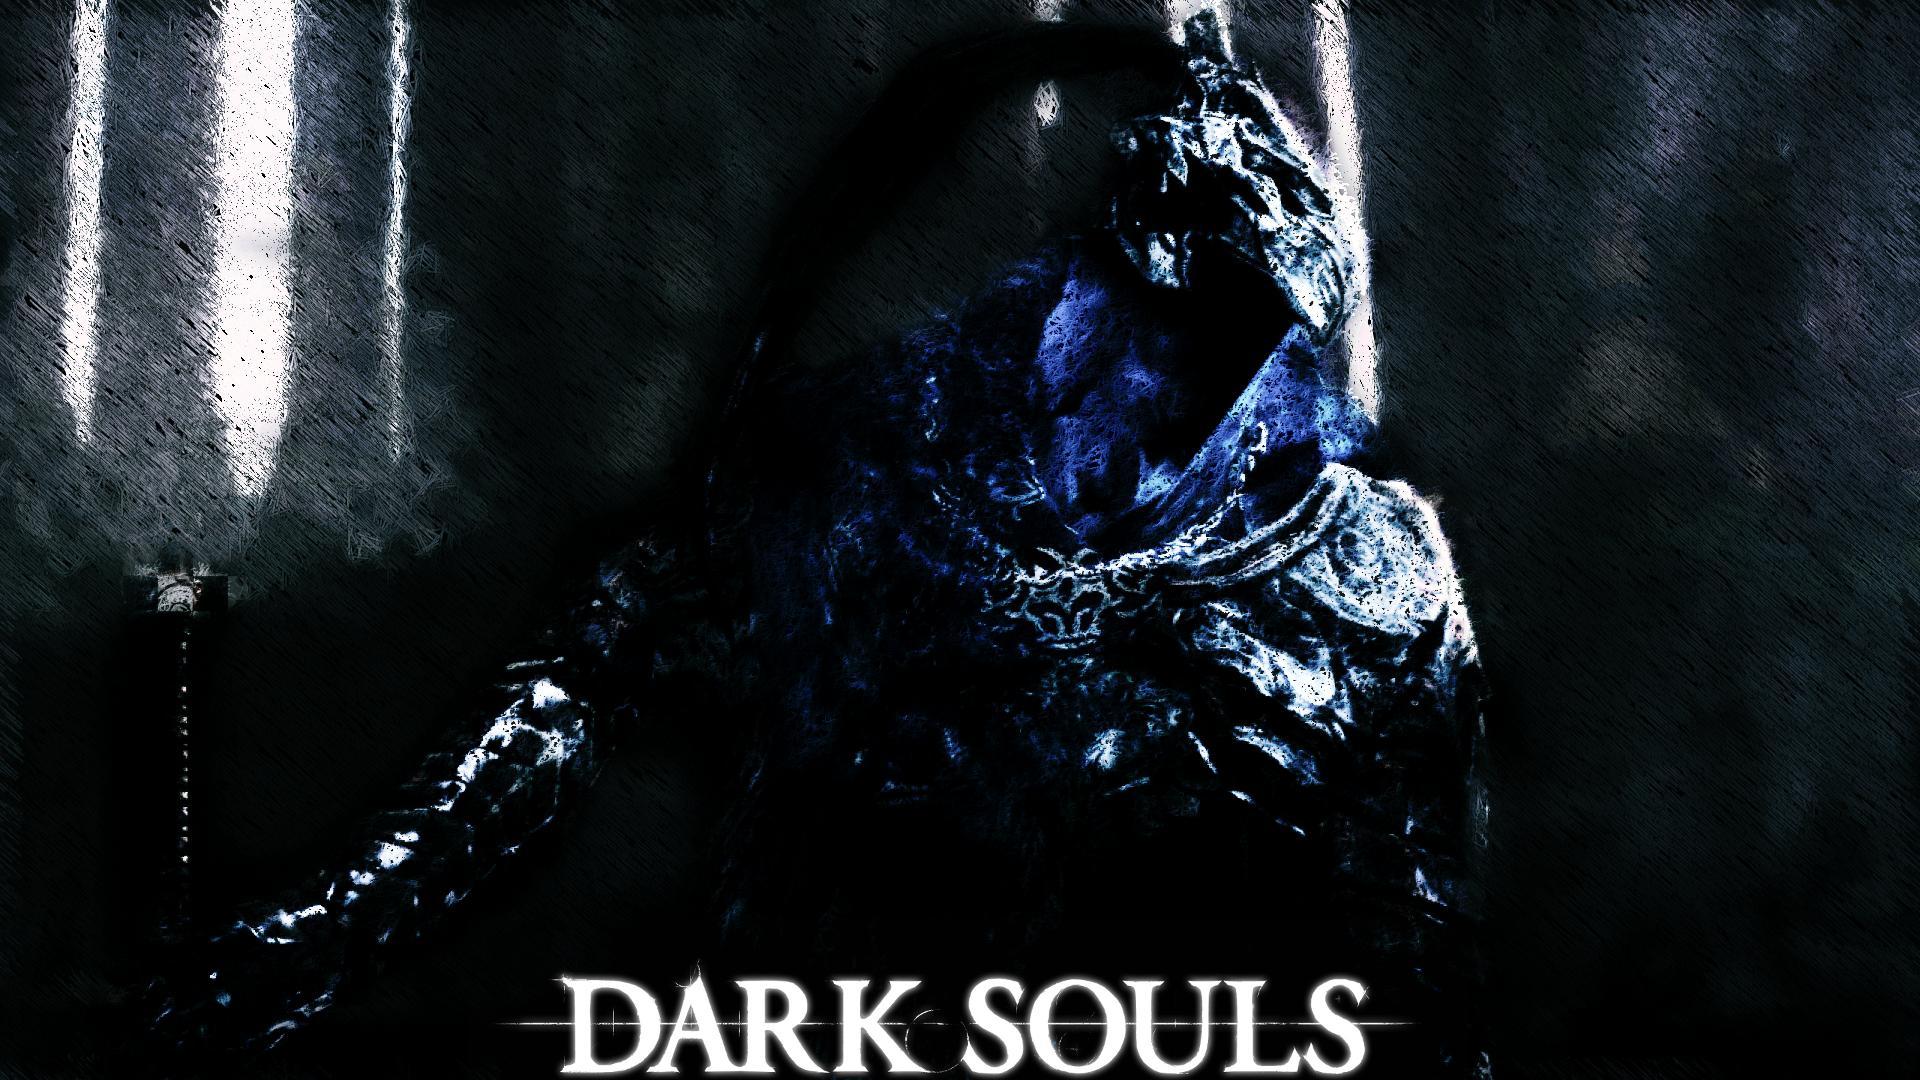 Dark Souls Fan Group 1920x1080